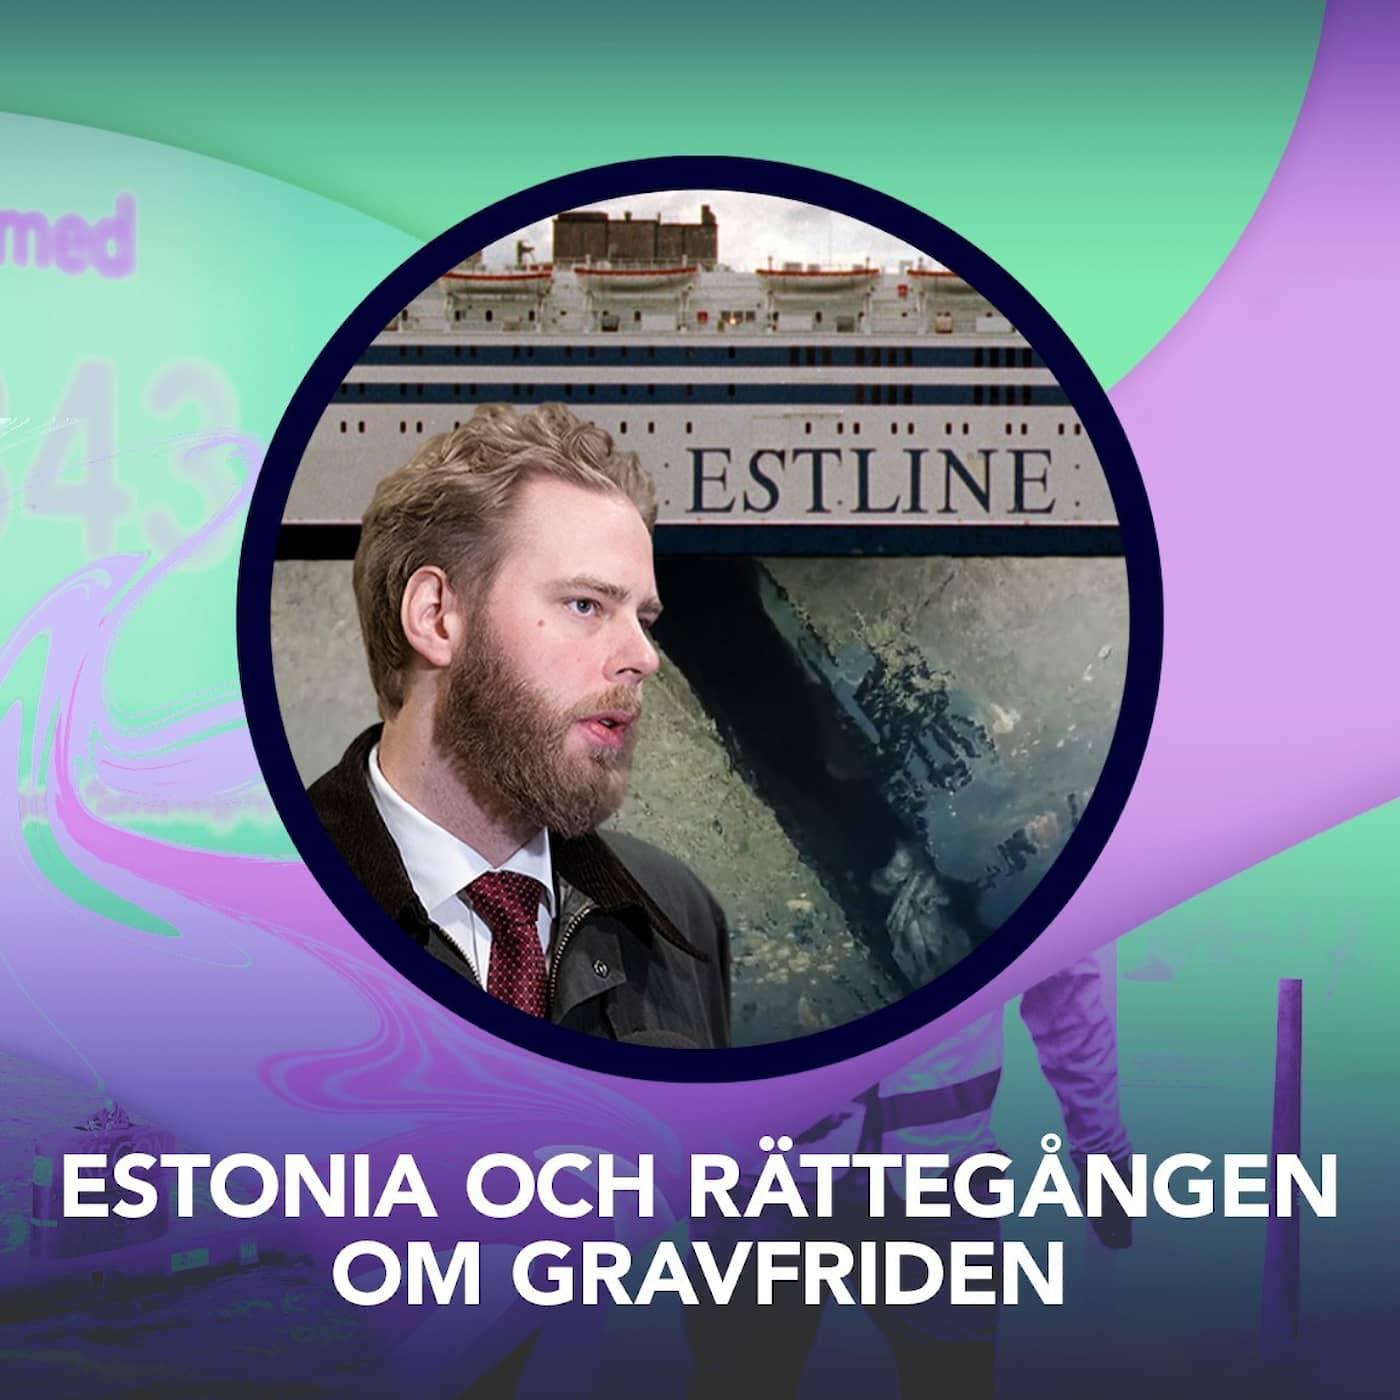 Estonia och rättegången om gravfriden – P3 Nyheter Dokumentär